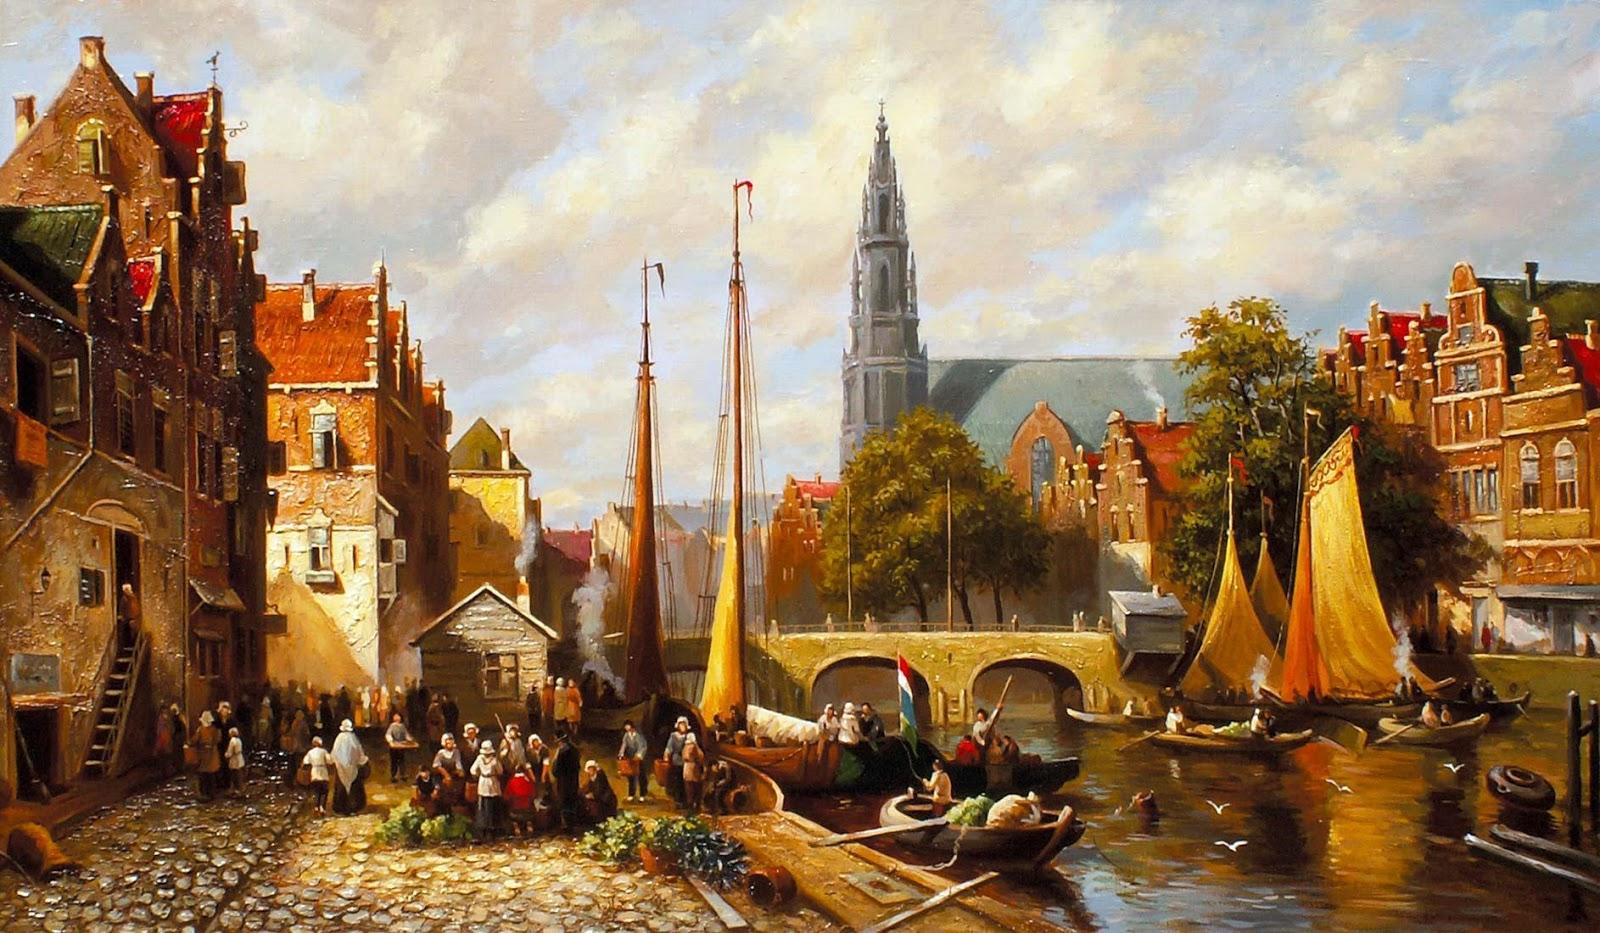 средневековый амстердам - набережная